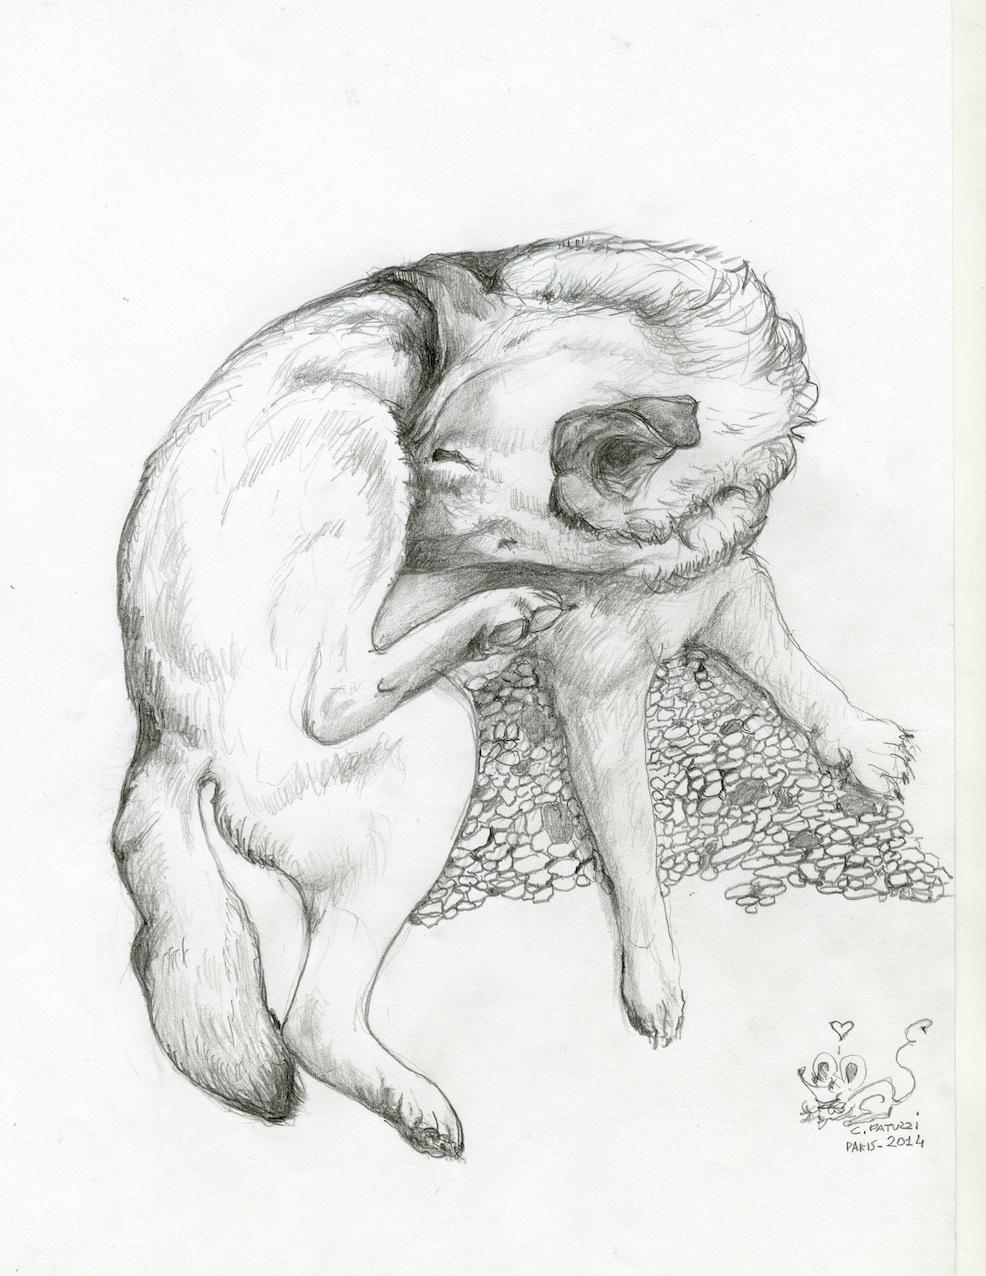 Grog Dessins Et Caricatures N 23 Decalages Et Metamorphoses